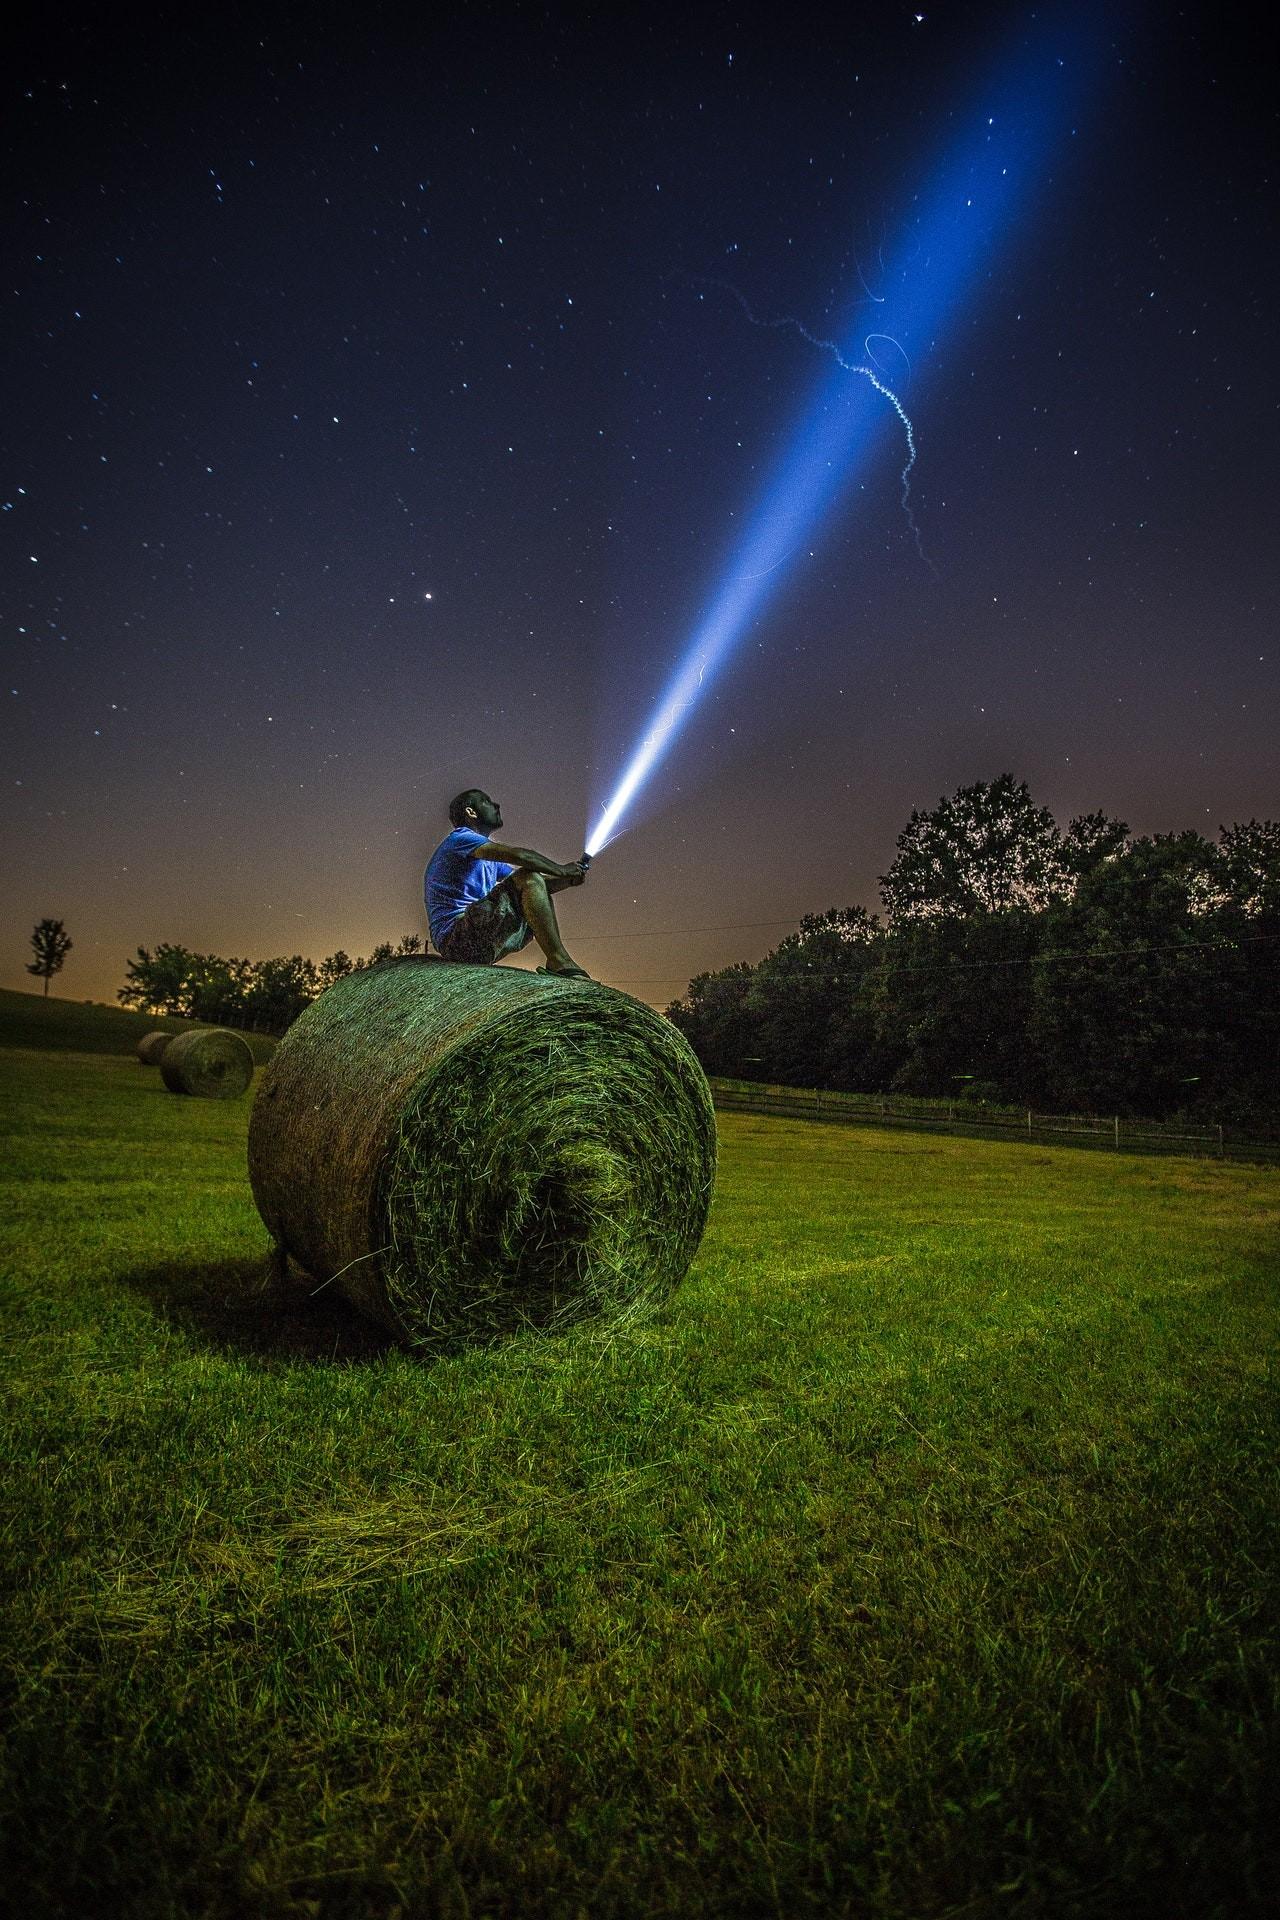 Je mehr Lumen (Einheit für Helligkeit) eine LED Taschenlampe aufweist, desto heller ist diese.